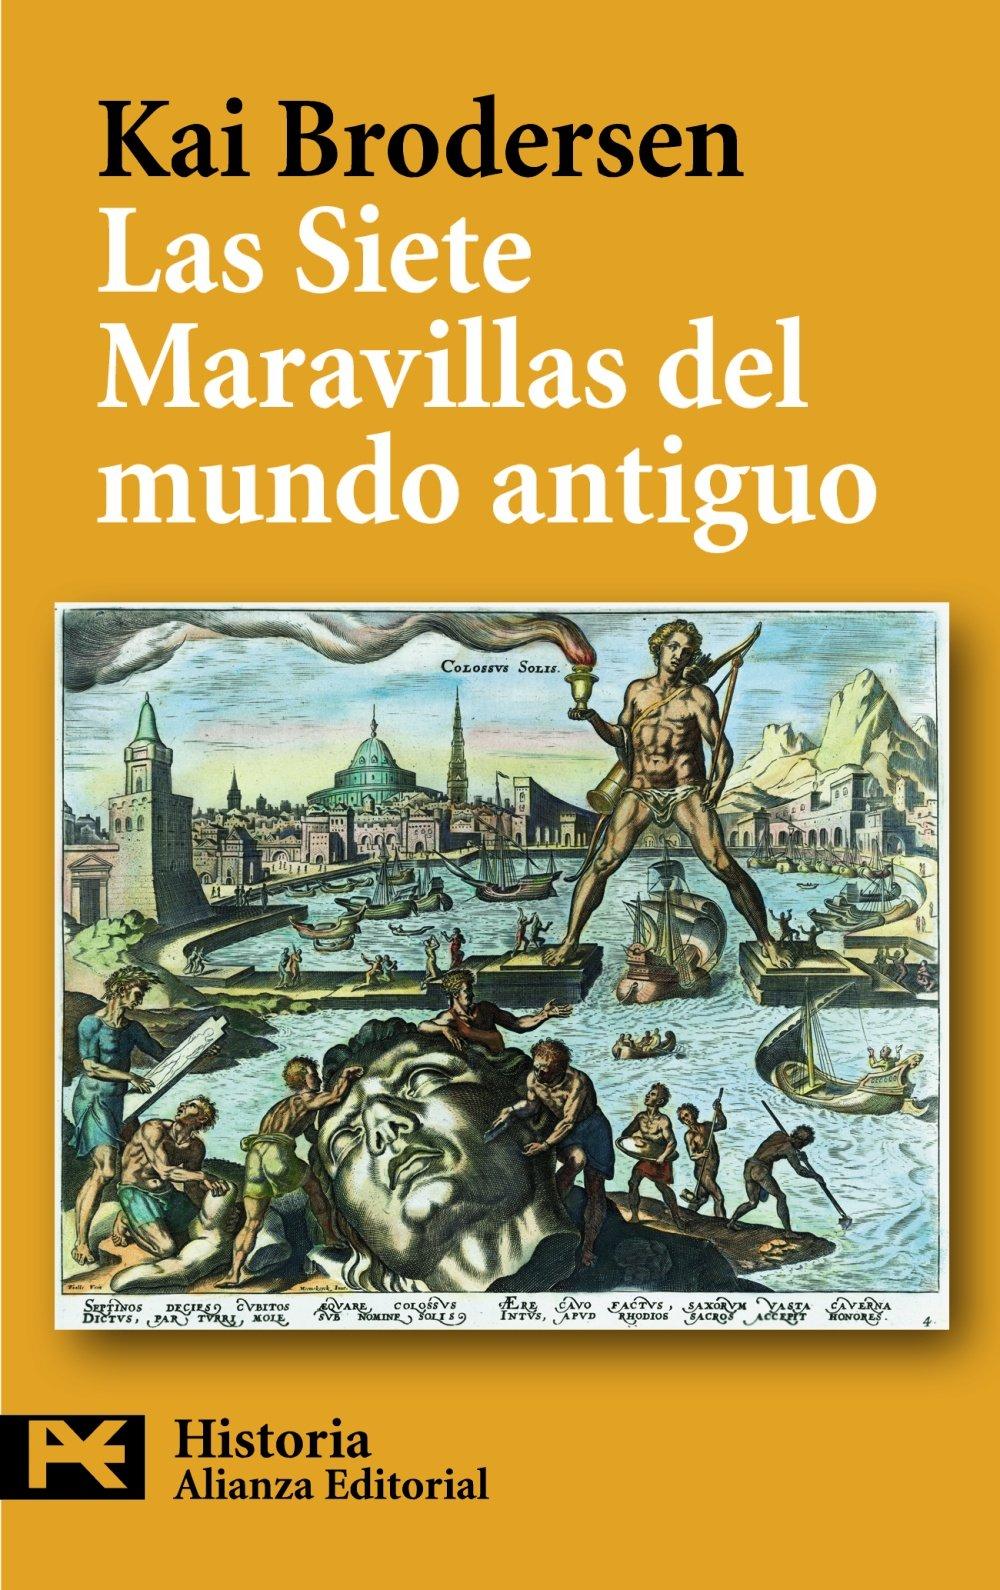 Las Siete Maravillas del mundo antiguo El Libro De Bolsillo - Historia: Amazon.es: Kai Brodersen, Francisco Javier Martínez García: Libros